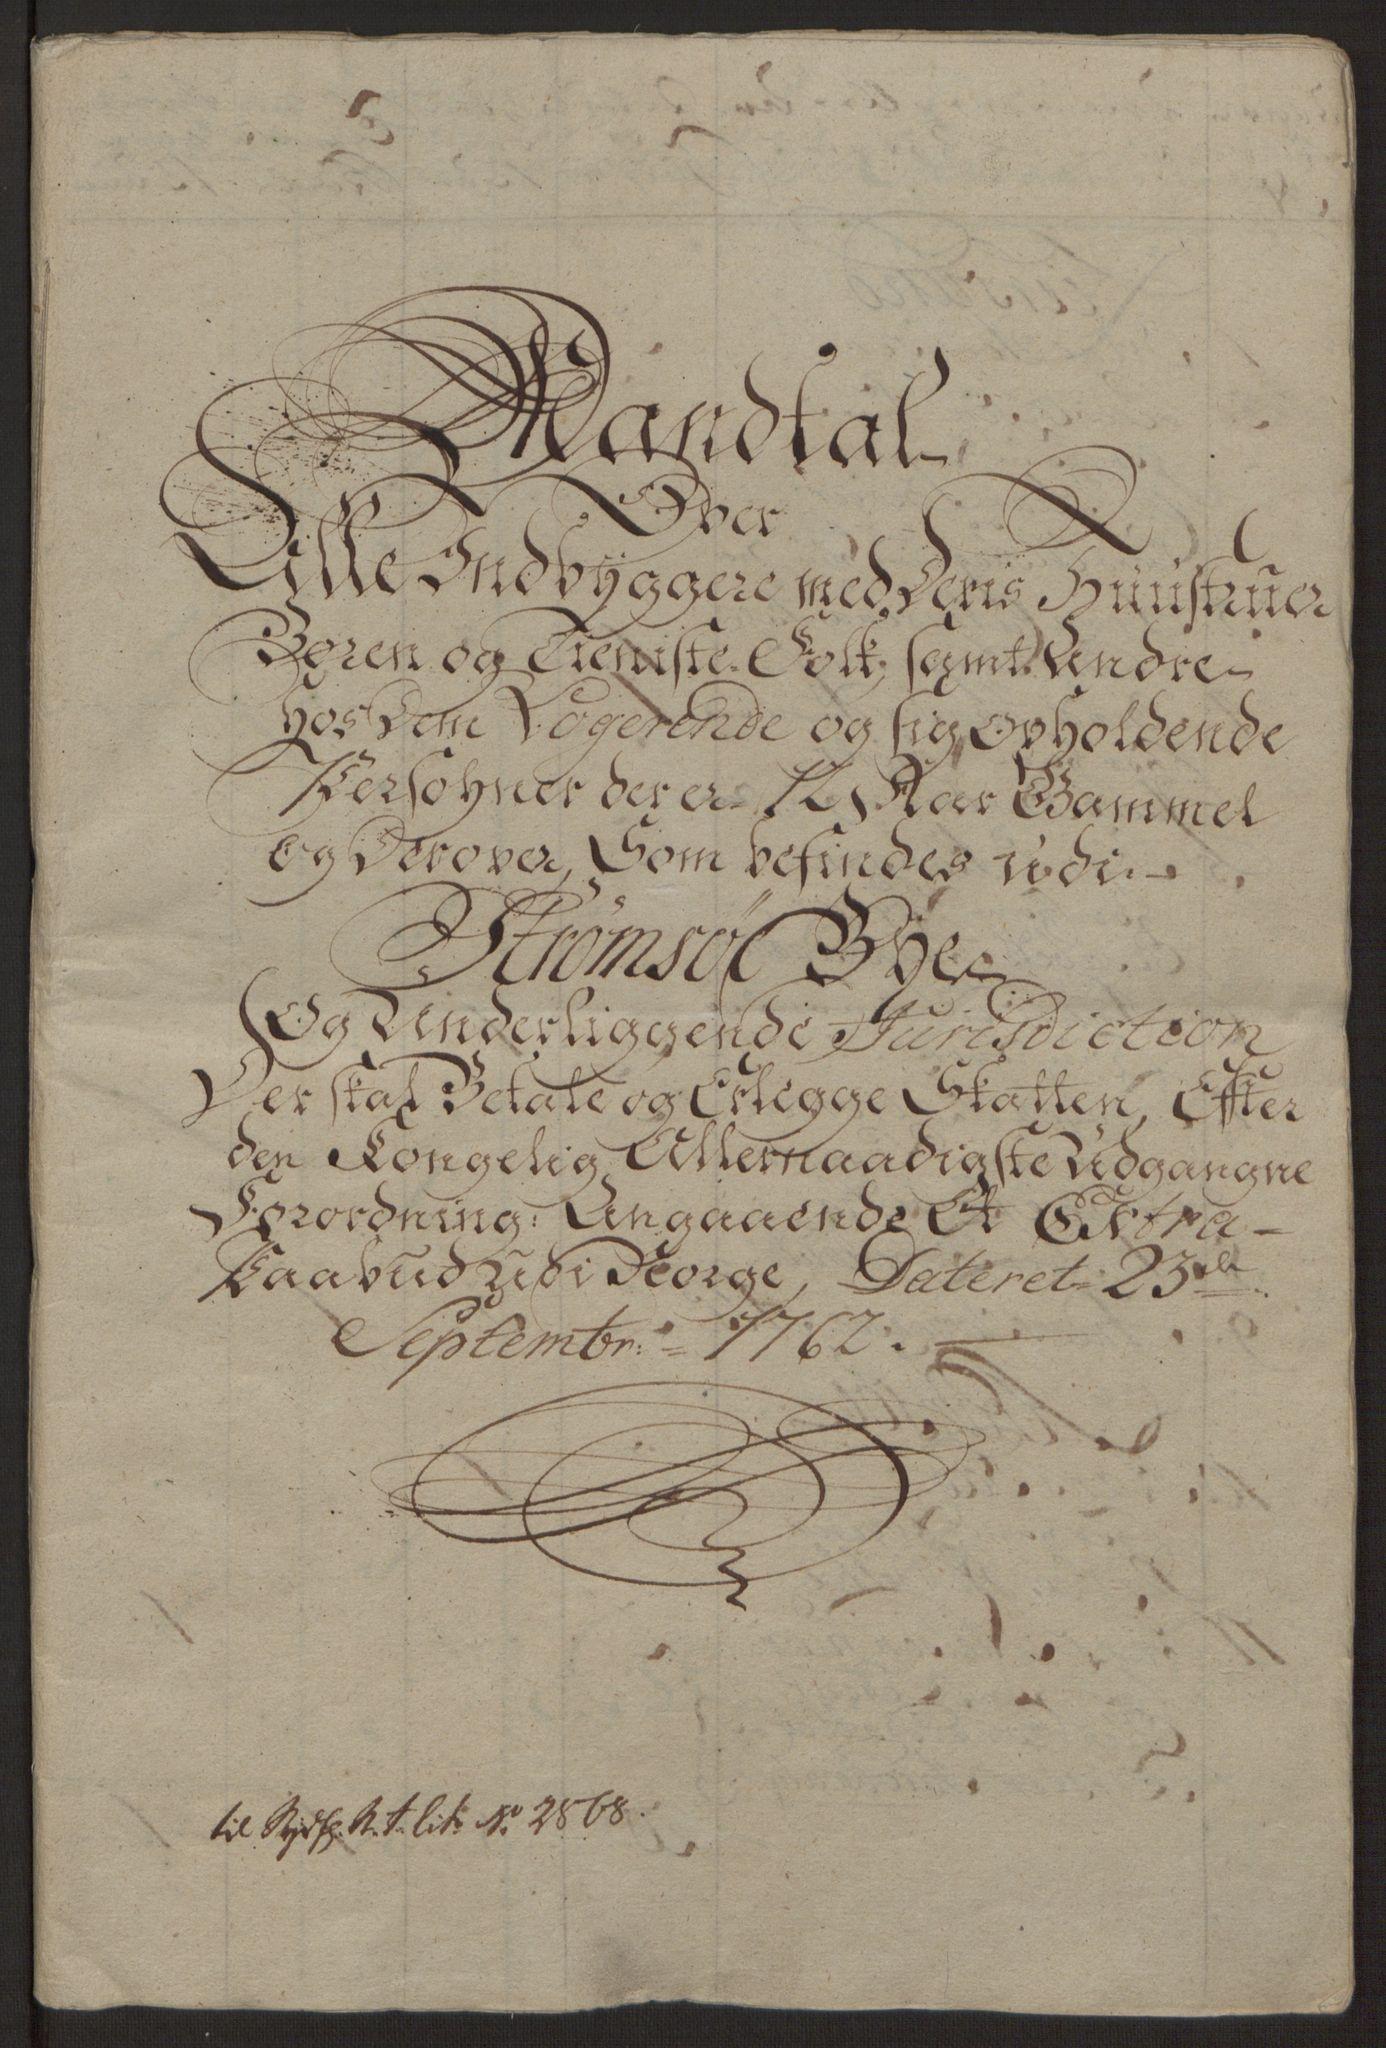 RA, Rentekammeret inntil 1814, Reviderte regnskaper, Byregnskaper, R/Rg/L0144: [G4] Kontribusjonsregnskap, 1762-1767, s. 12